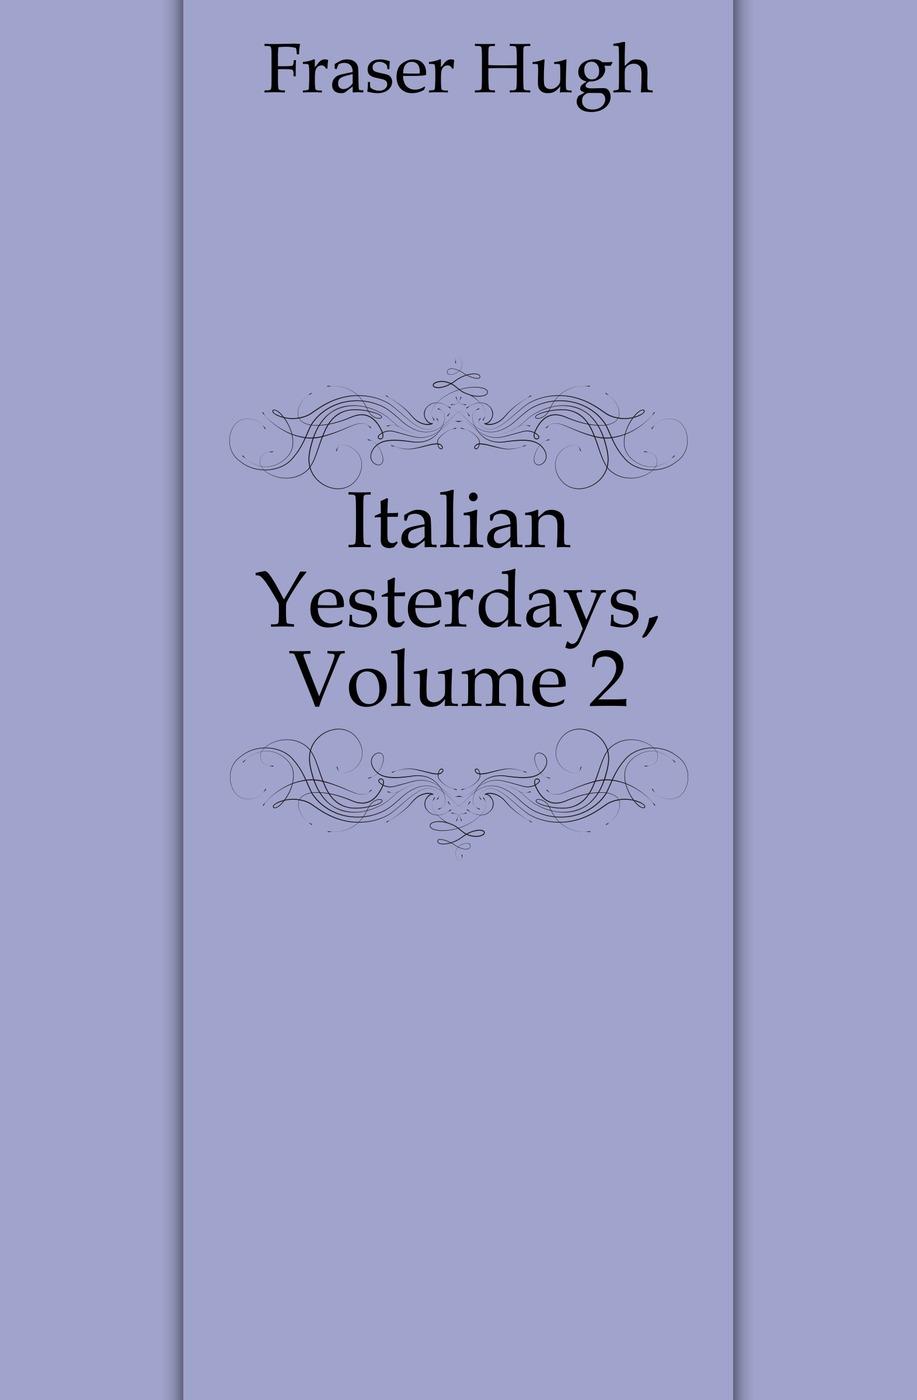 Italian Yesterdays, Volume 2